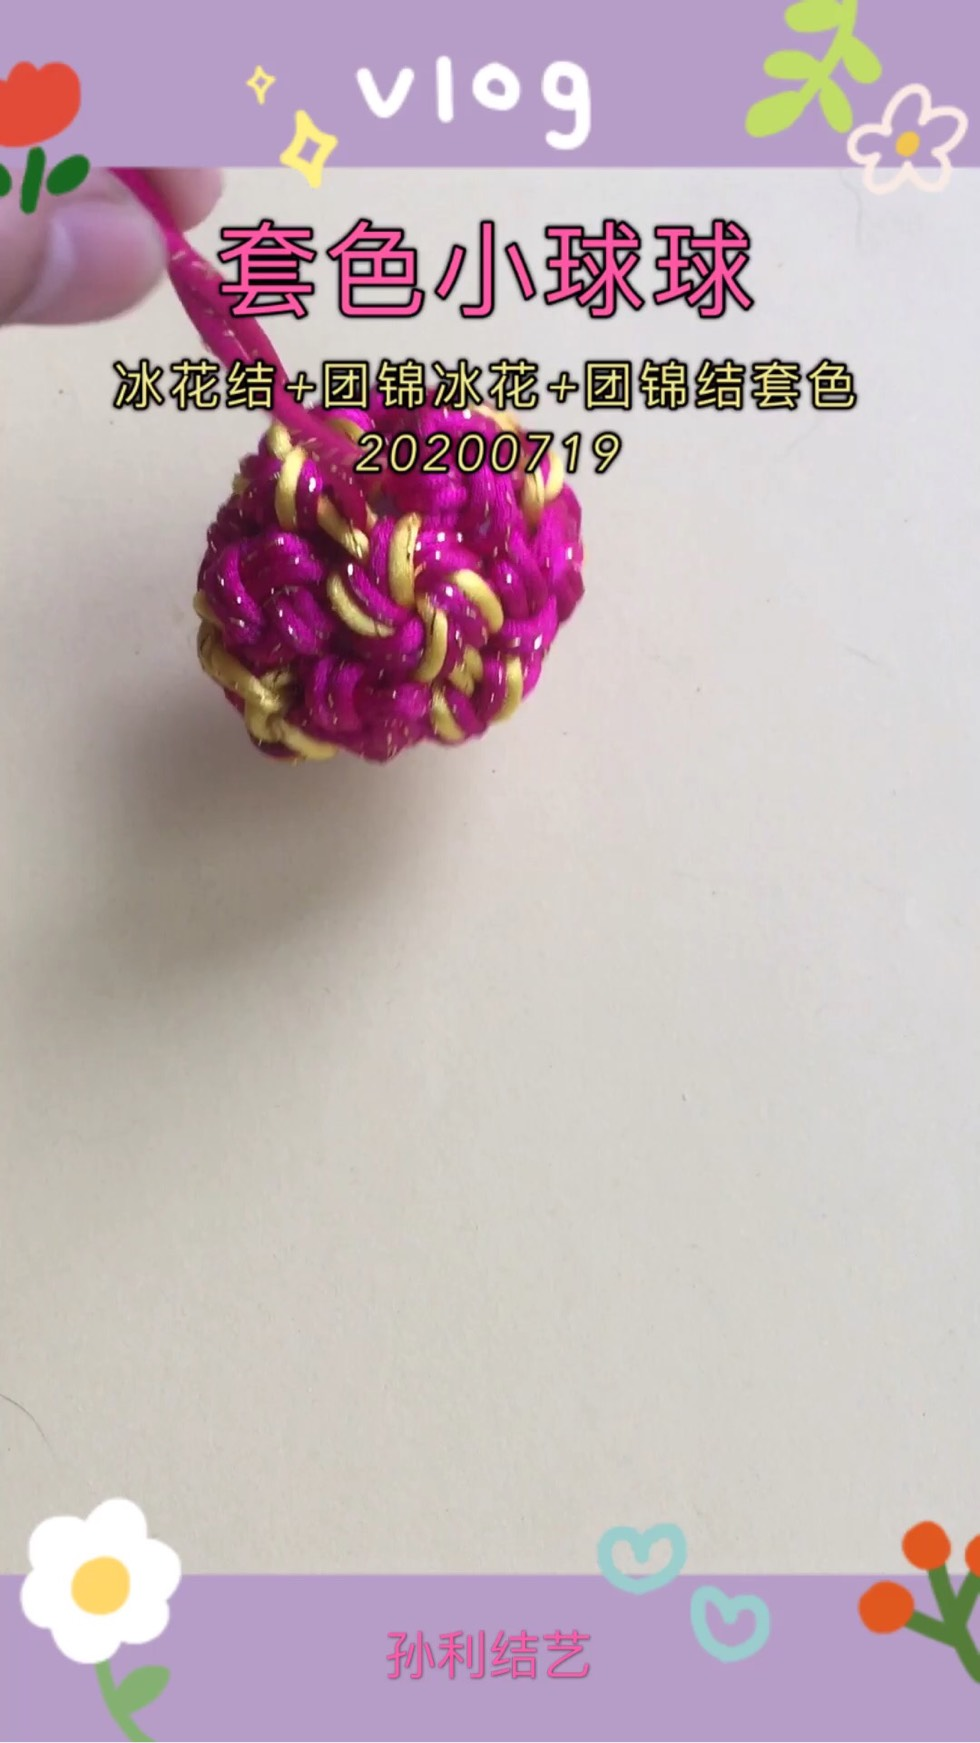 中国结论坛 立体组合小球球-仿编加上了套色 红色的小球球是什么花,大球吞小球的游戏,大球吃小球,小球球游戏,小球球视频 作品展示 071047wmwssd4hwb5h2sld